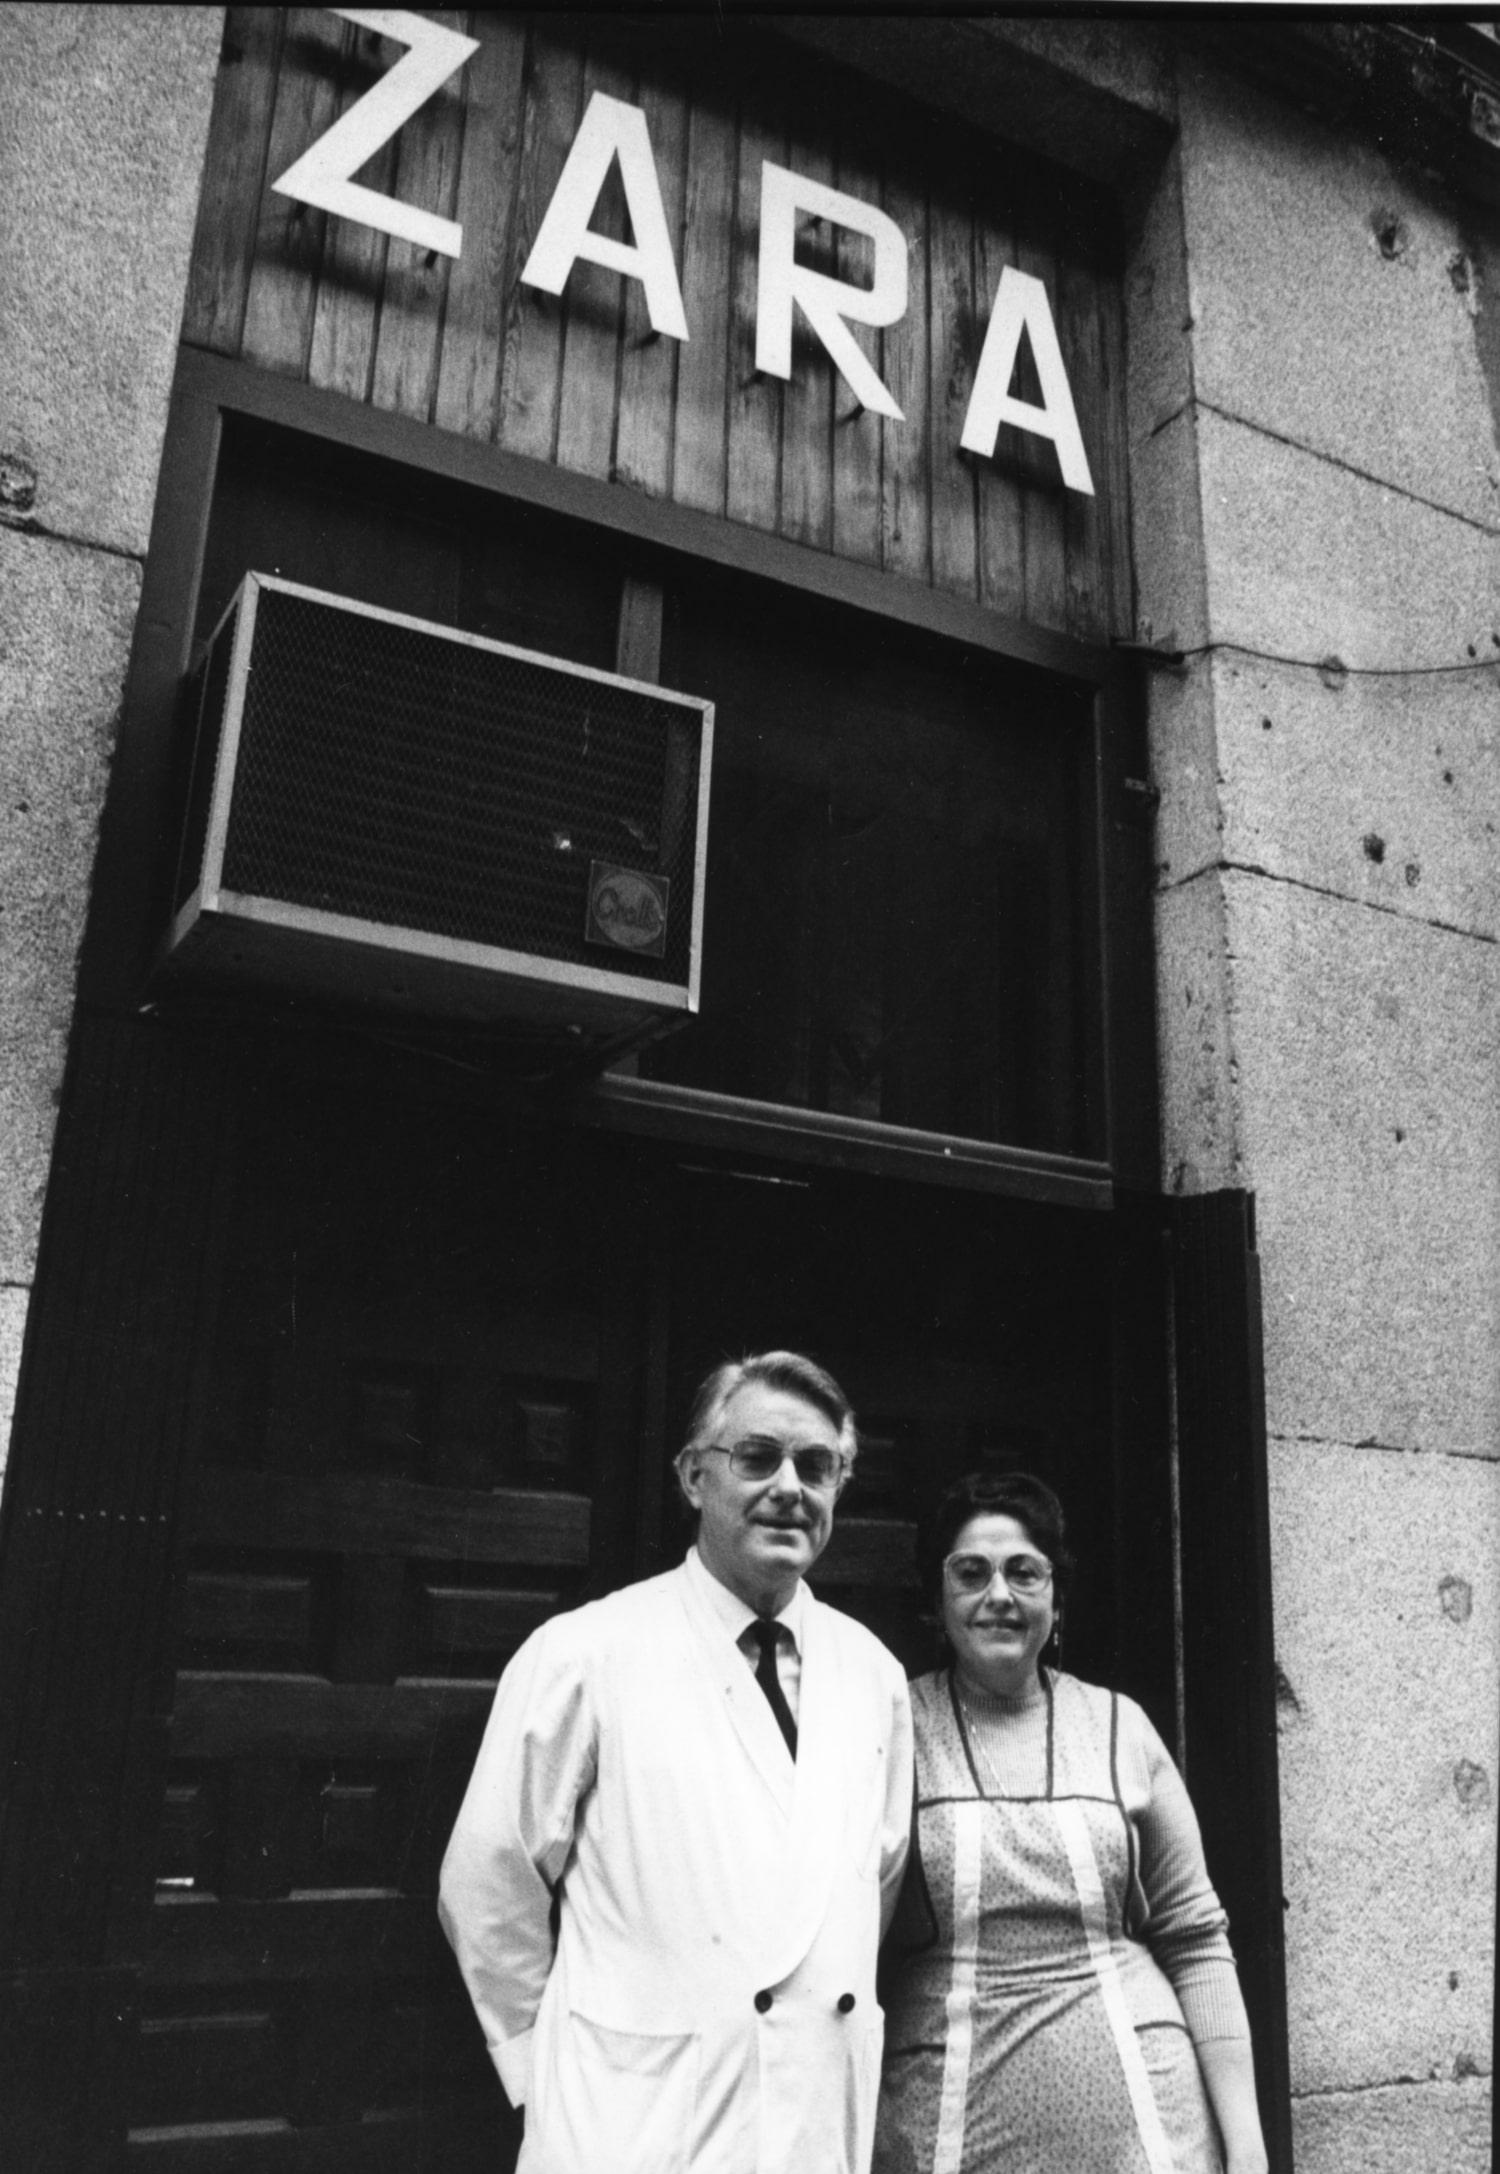 Restaurante Zara en 1964